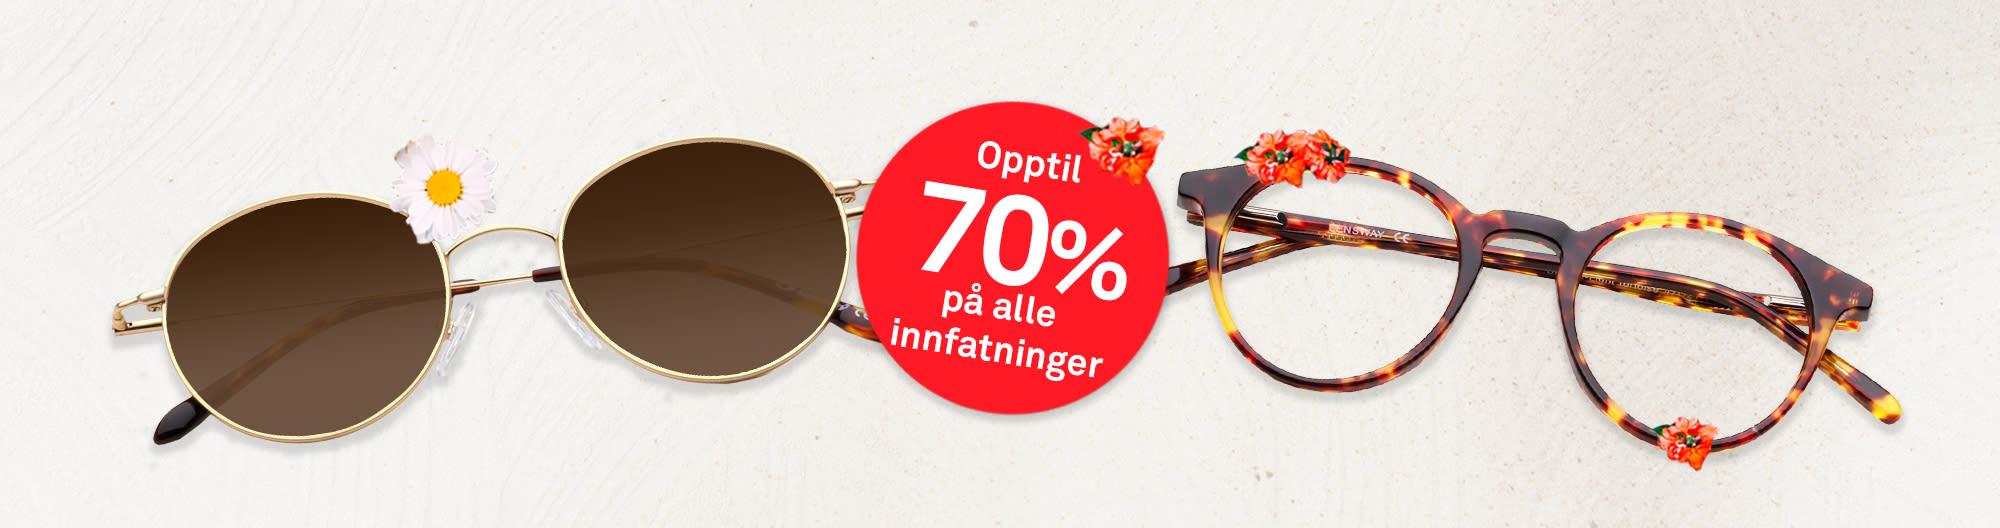 Slik designer du dine egne solbriller